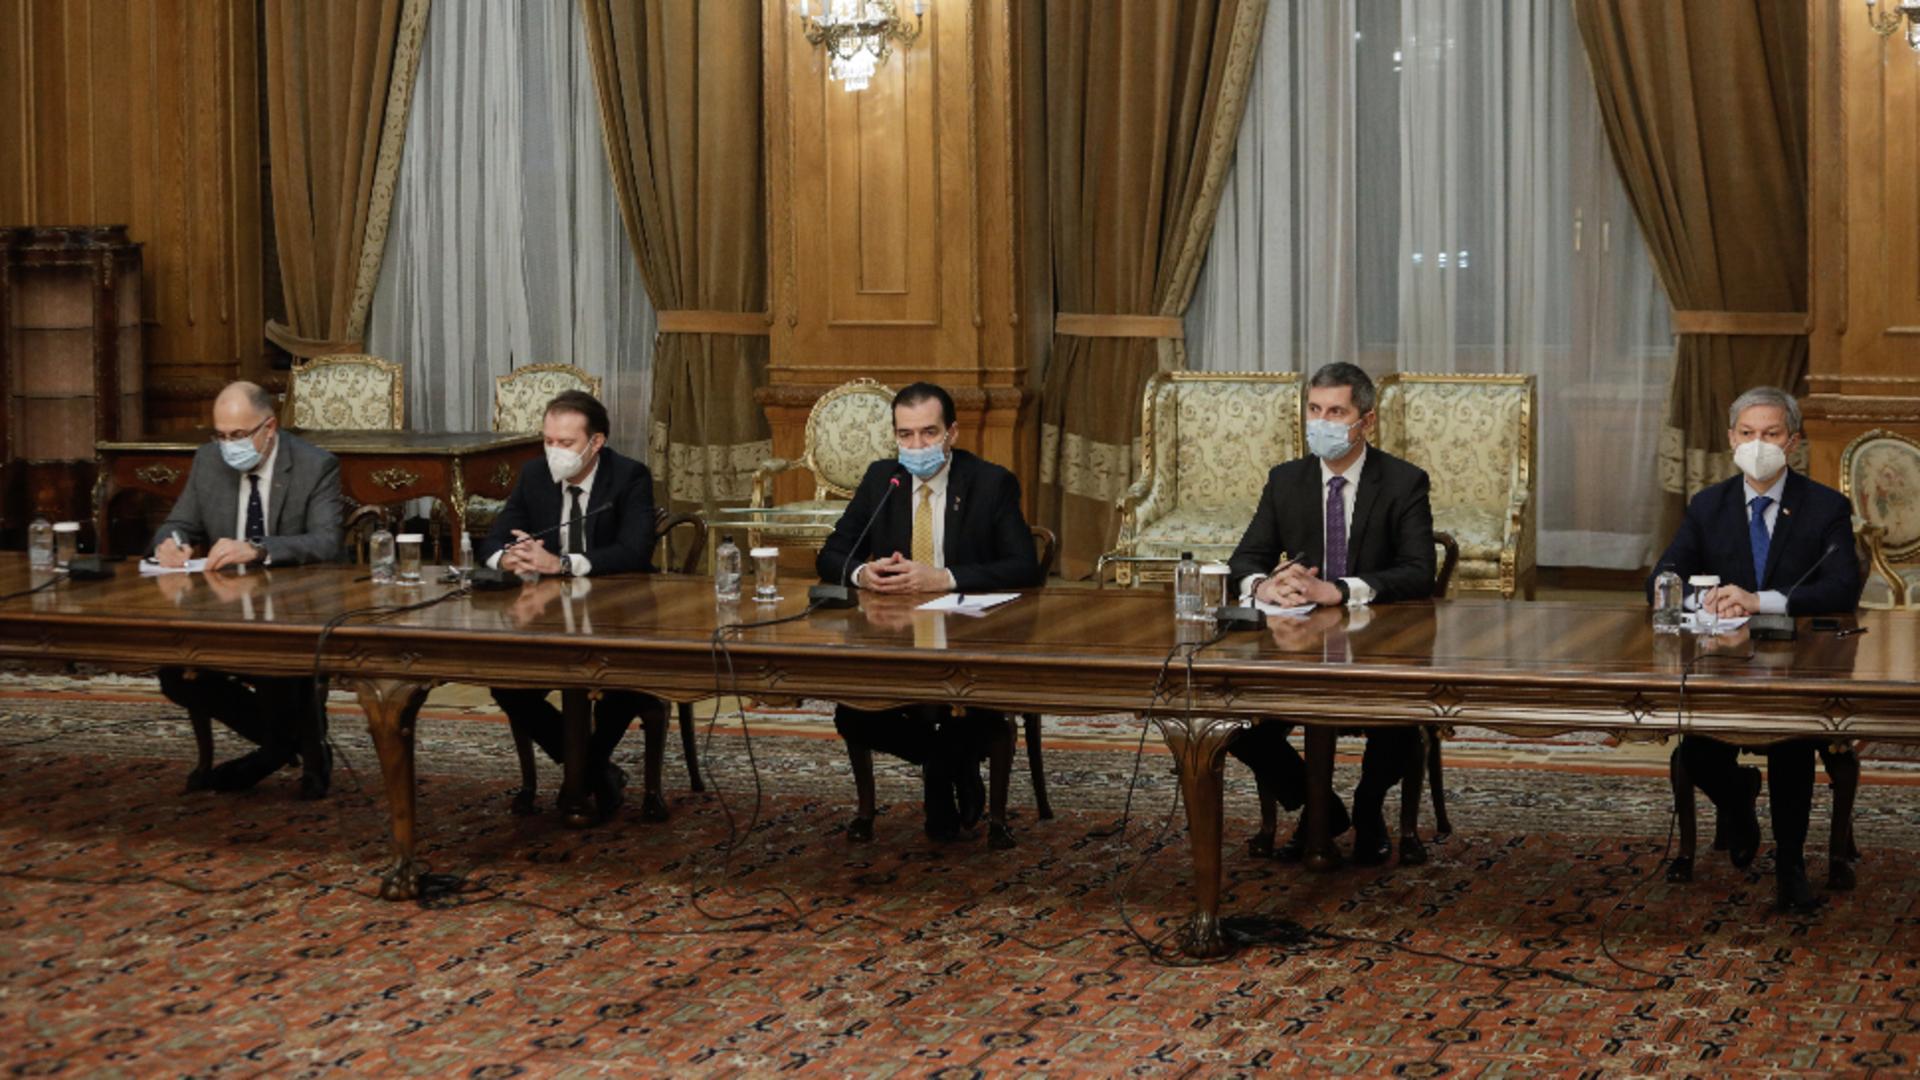 Coaliția de guvernare, aproape de colaps. Ce variante au ca să rămână la putere? Foto/Inquam